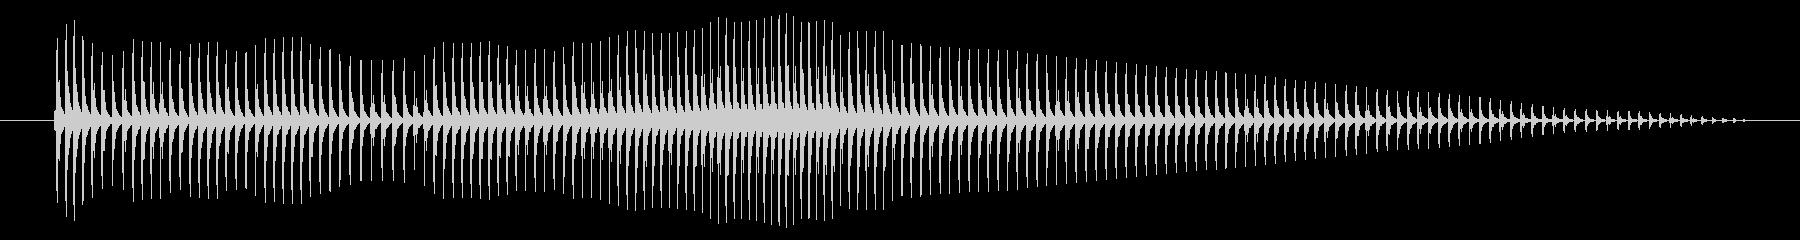 空腹02-6の未再生の波形